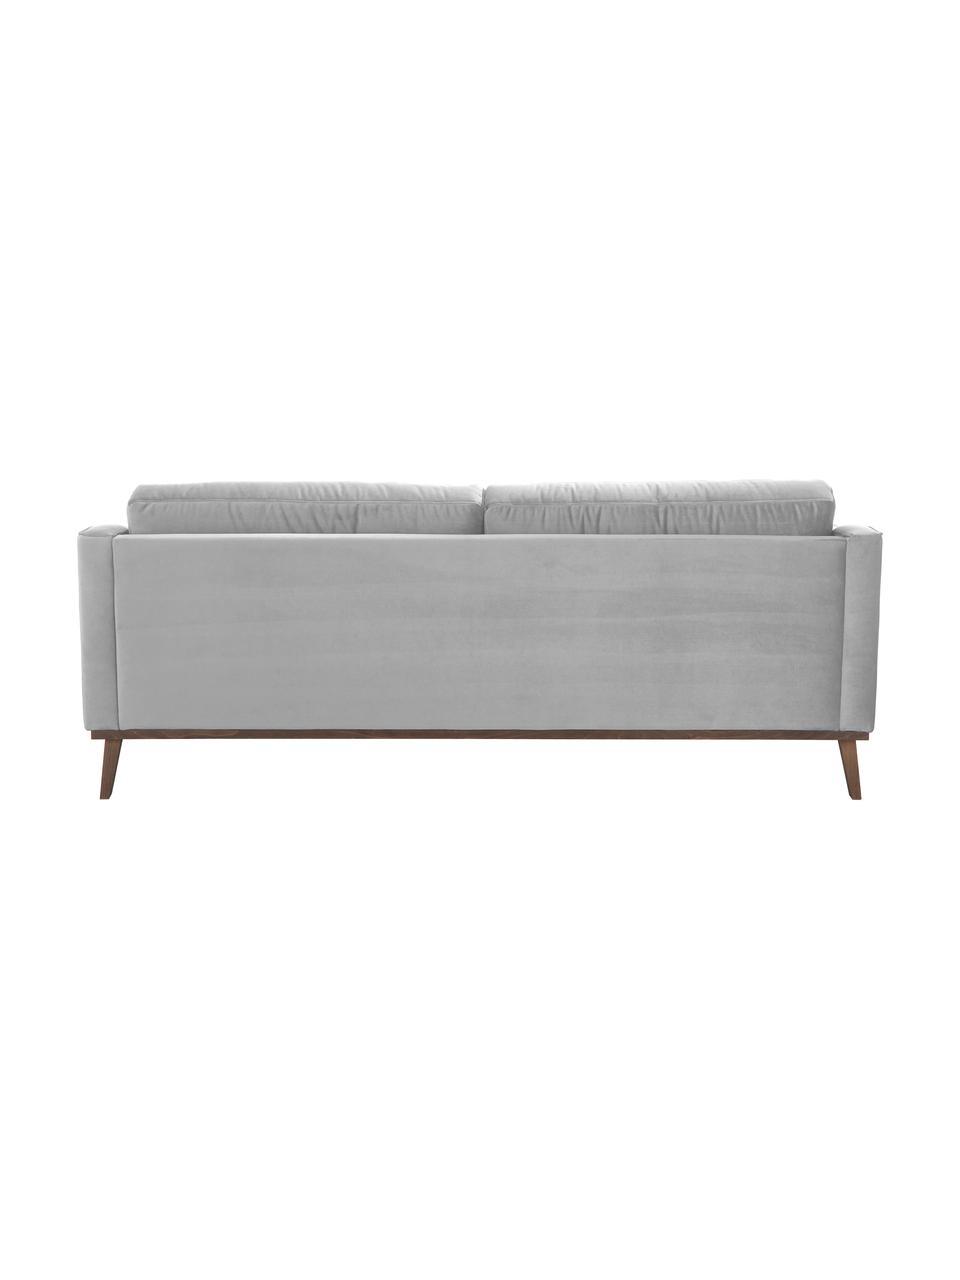 Sofa z aksamitu z nogami z drewna bukowego Alva (3-osobowa), Tapicerka: aksamit (wysokiej jakości, Nogi: lite drewno bukowe, barwi, Aksamitny szary, S 215 x G 92 cm